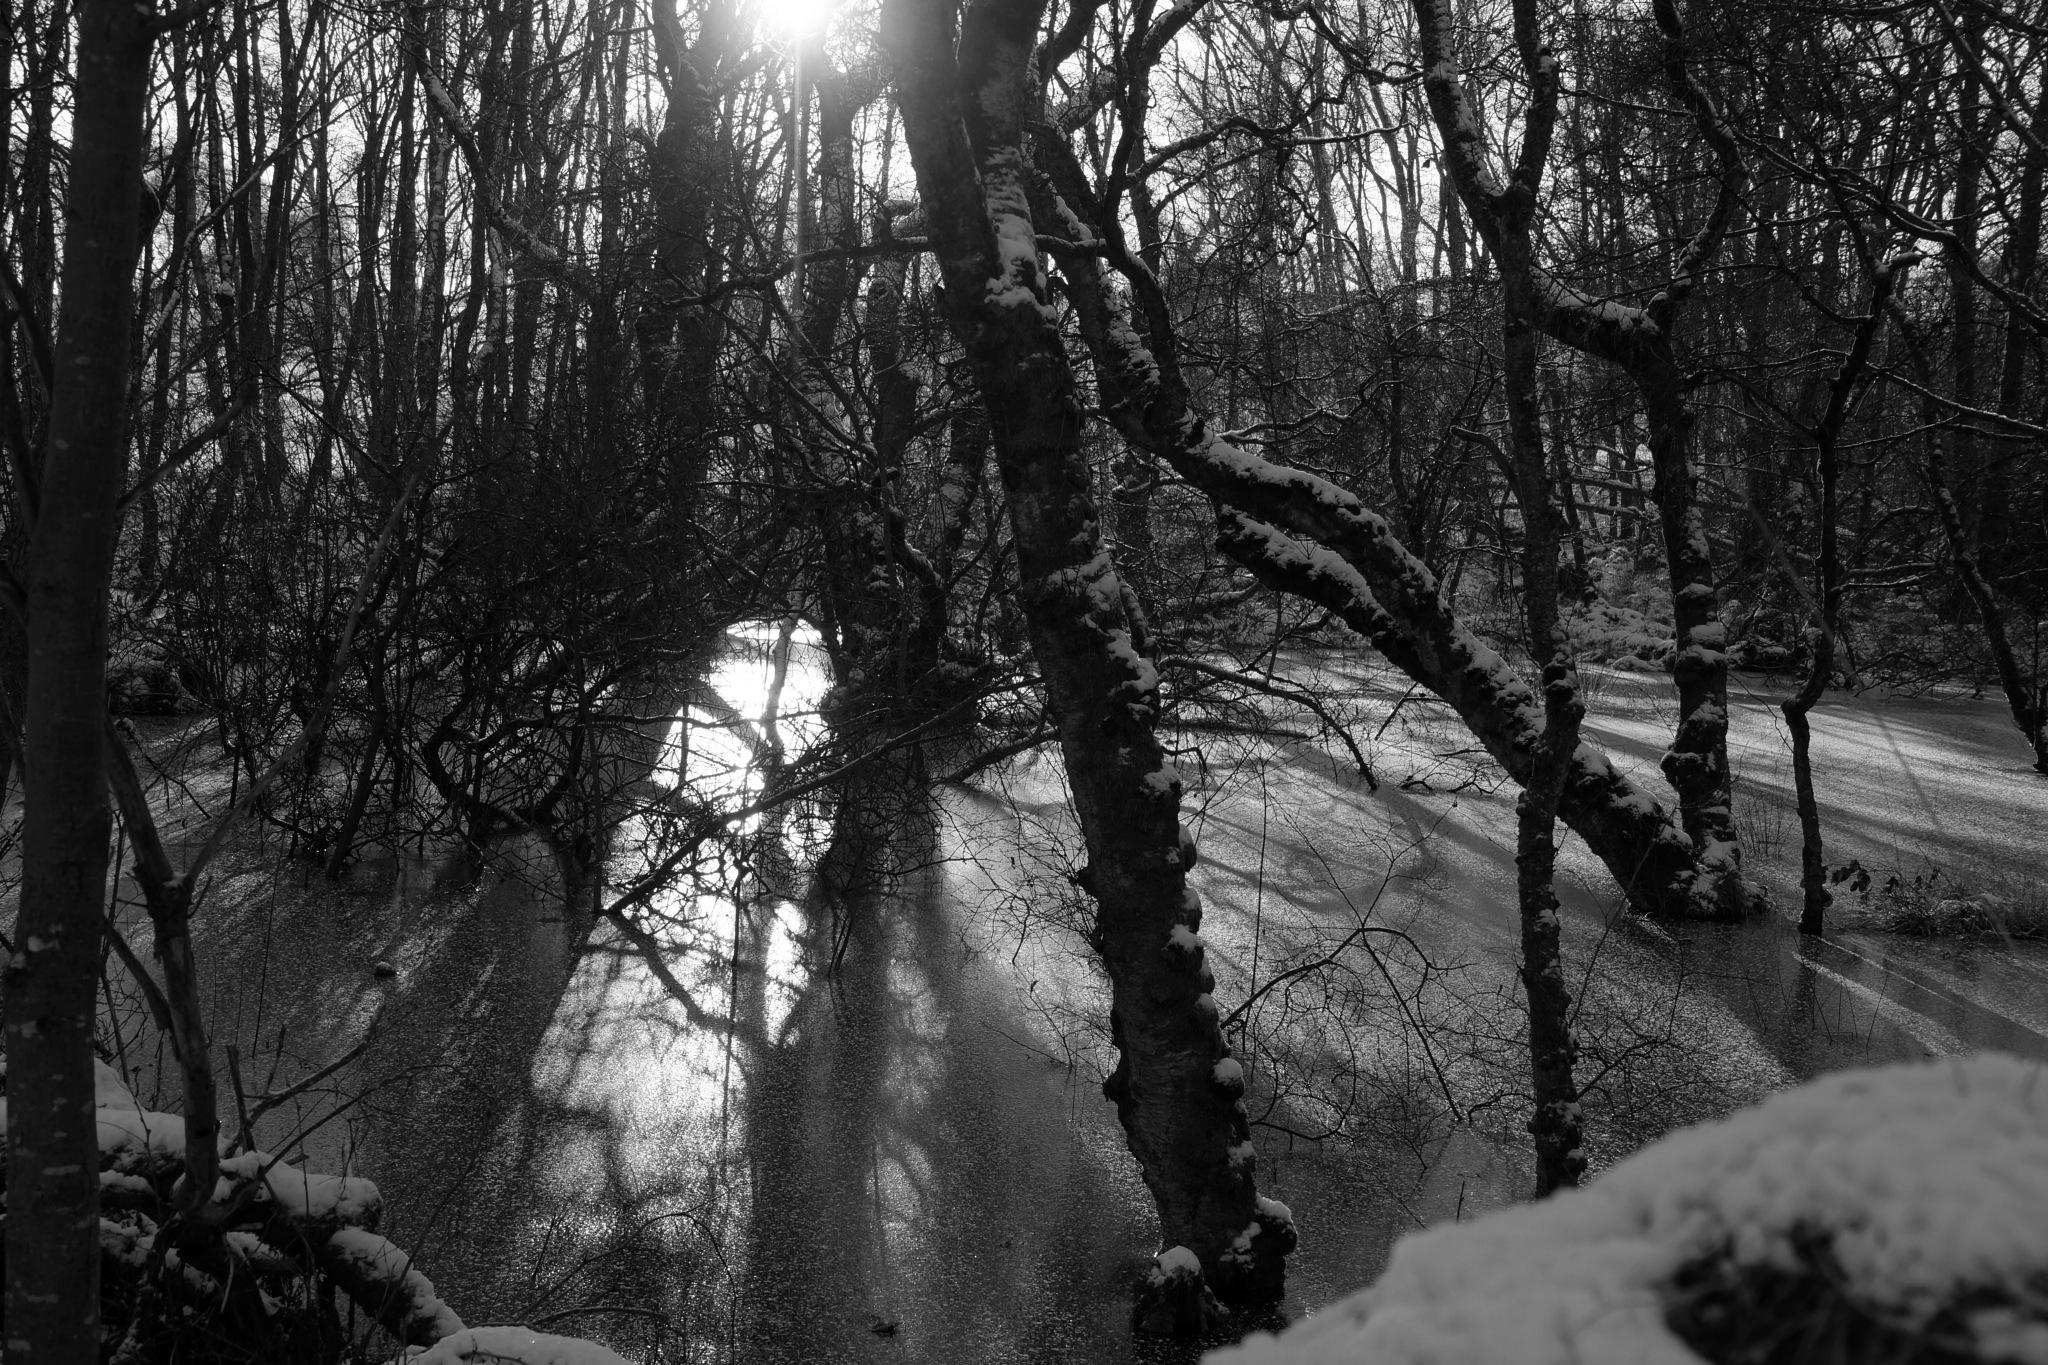 Frozen in Time by steve_whitmarsh